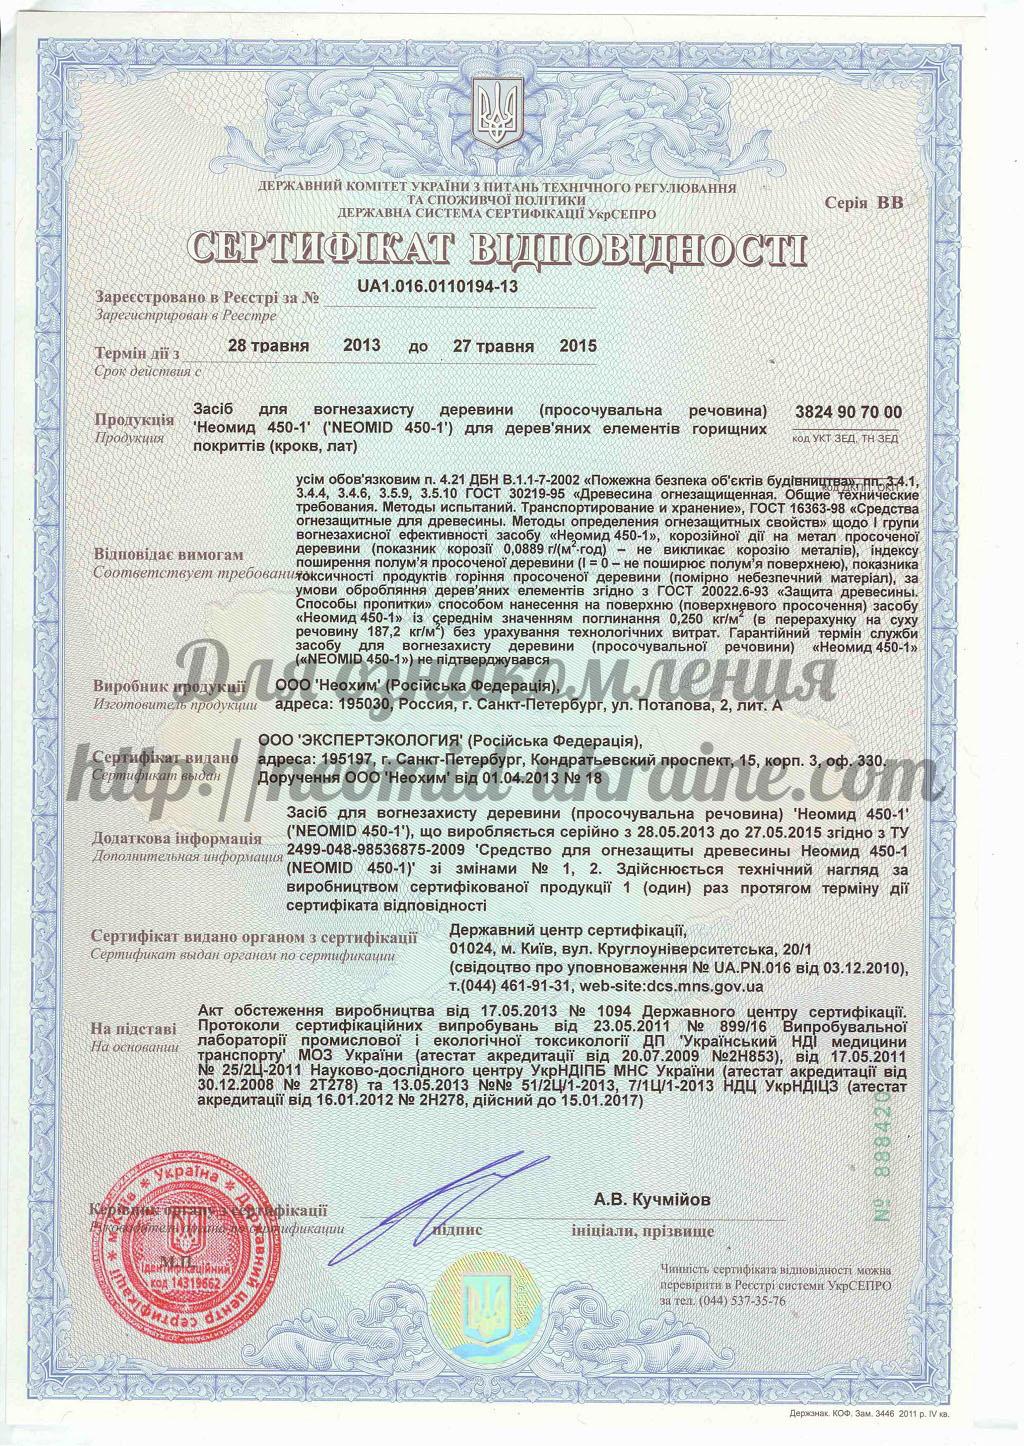 Неомид 450-1 - Огнебиозащита - Сертификат соответствия.